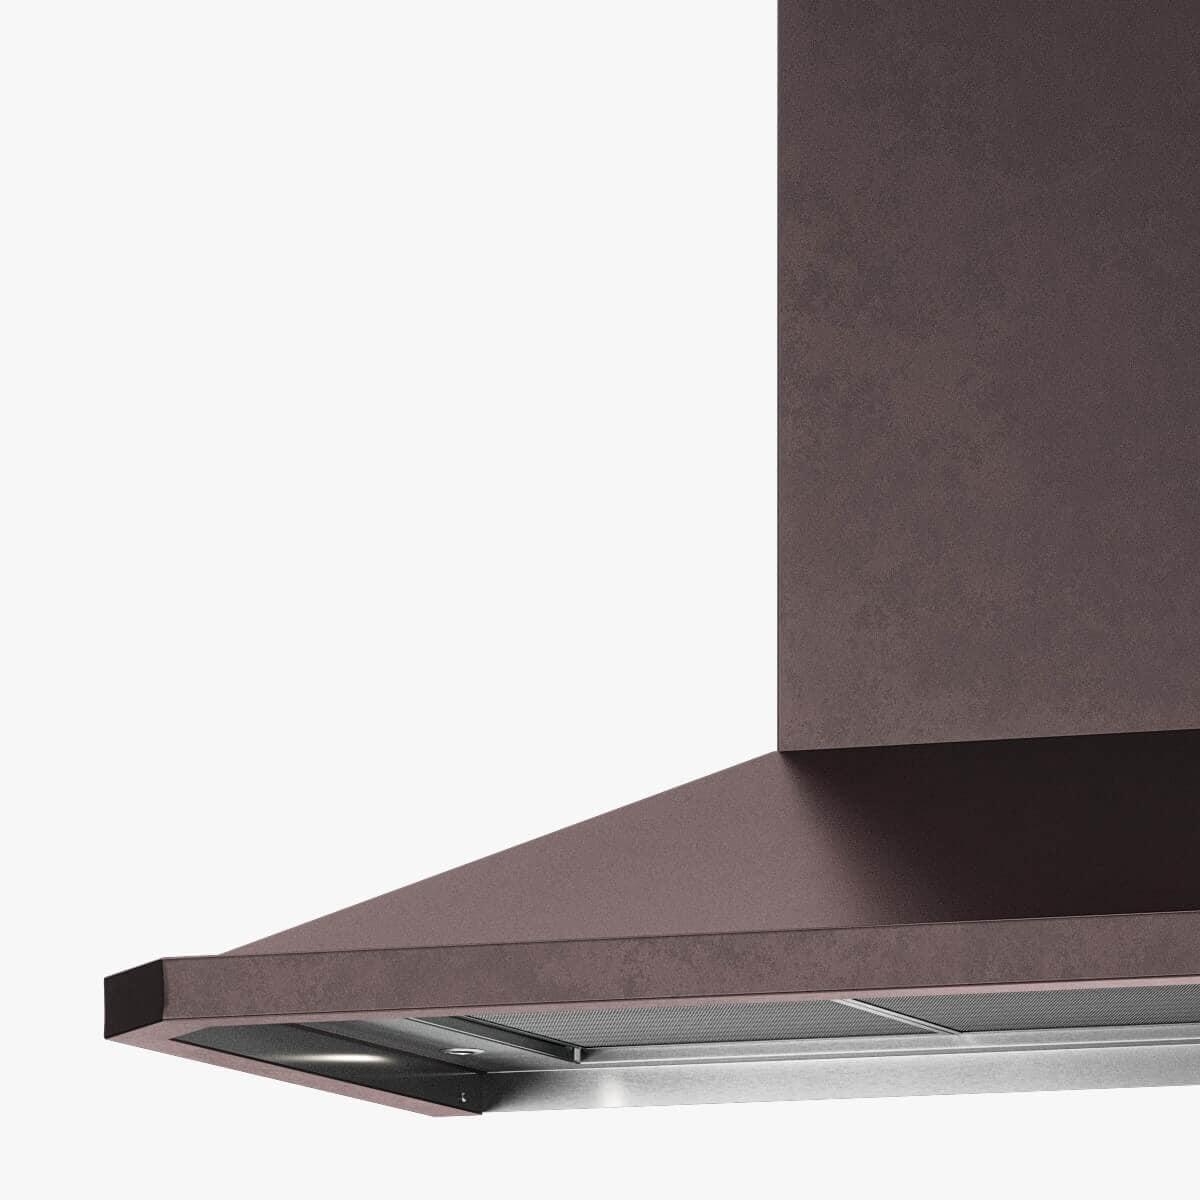 Detaljer på vägghängda köksfläkten Carisma i rödoxiderad metall.